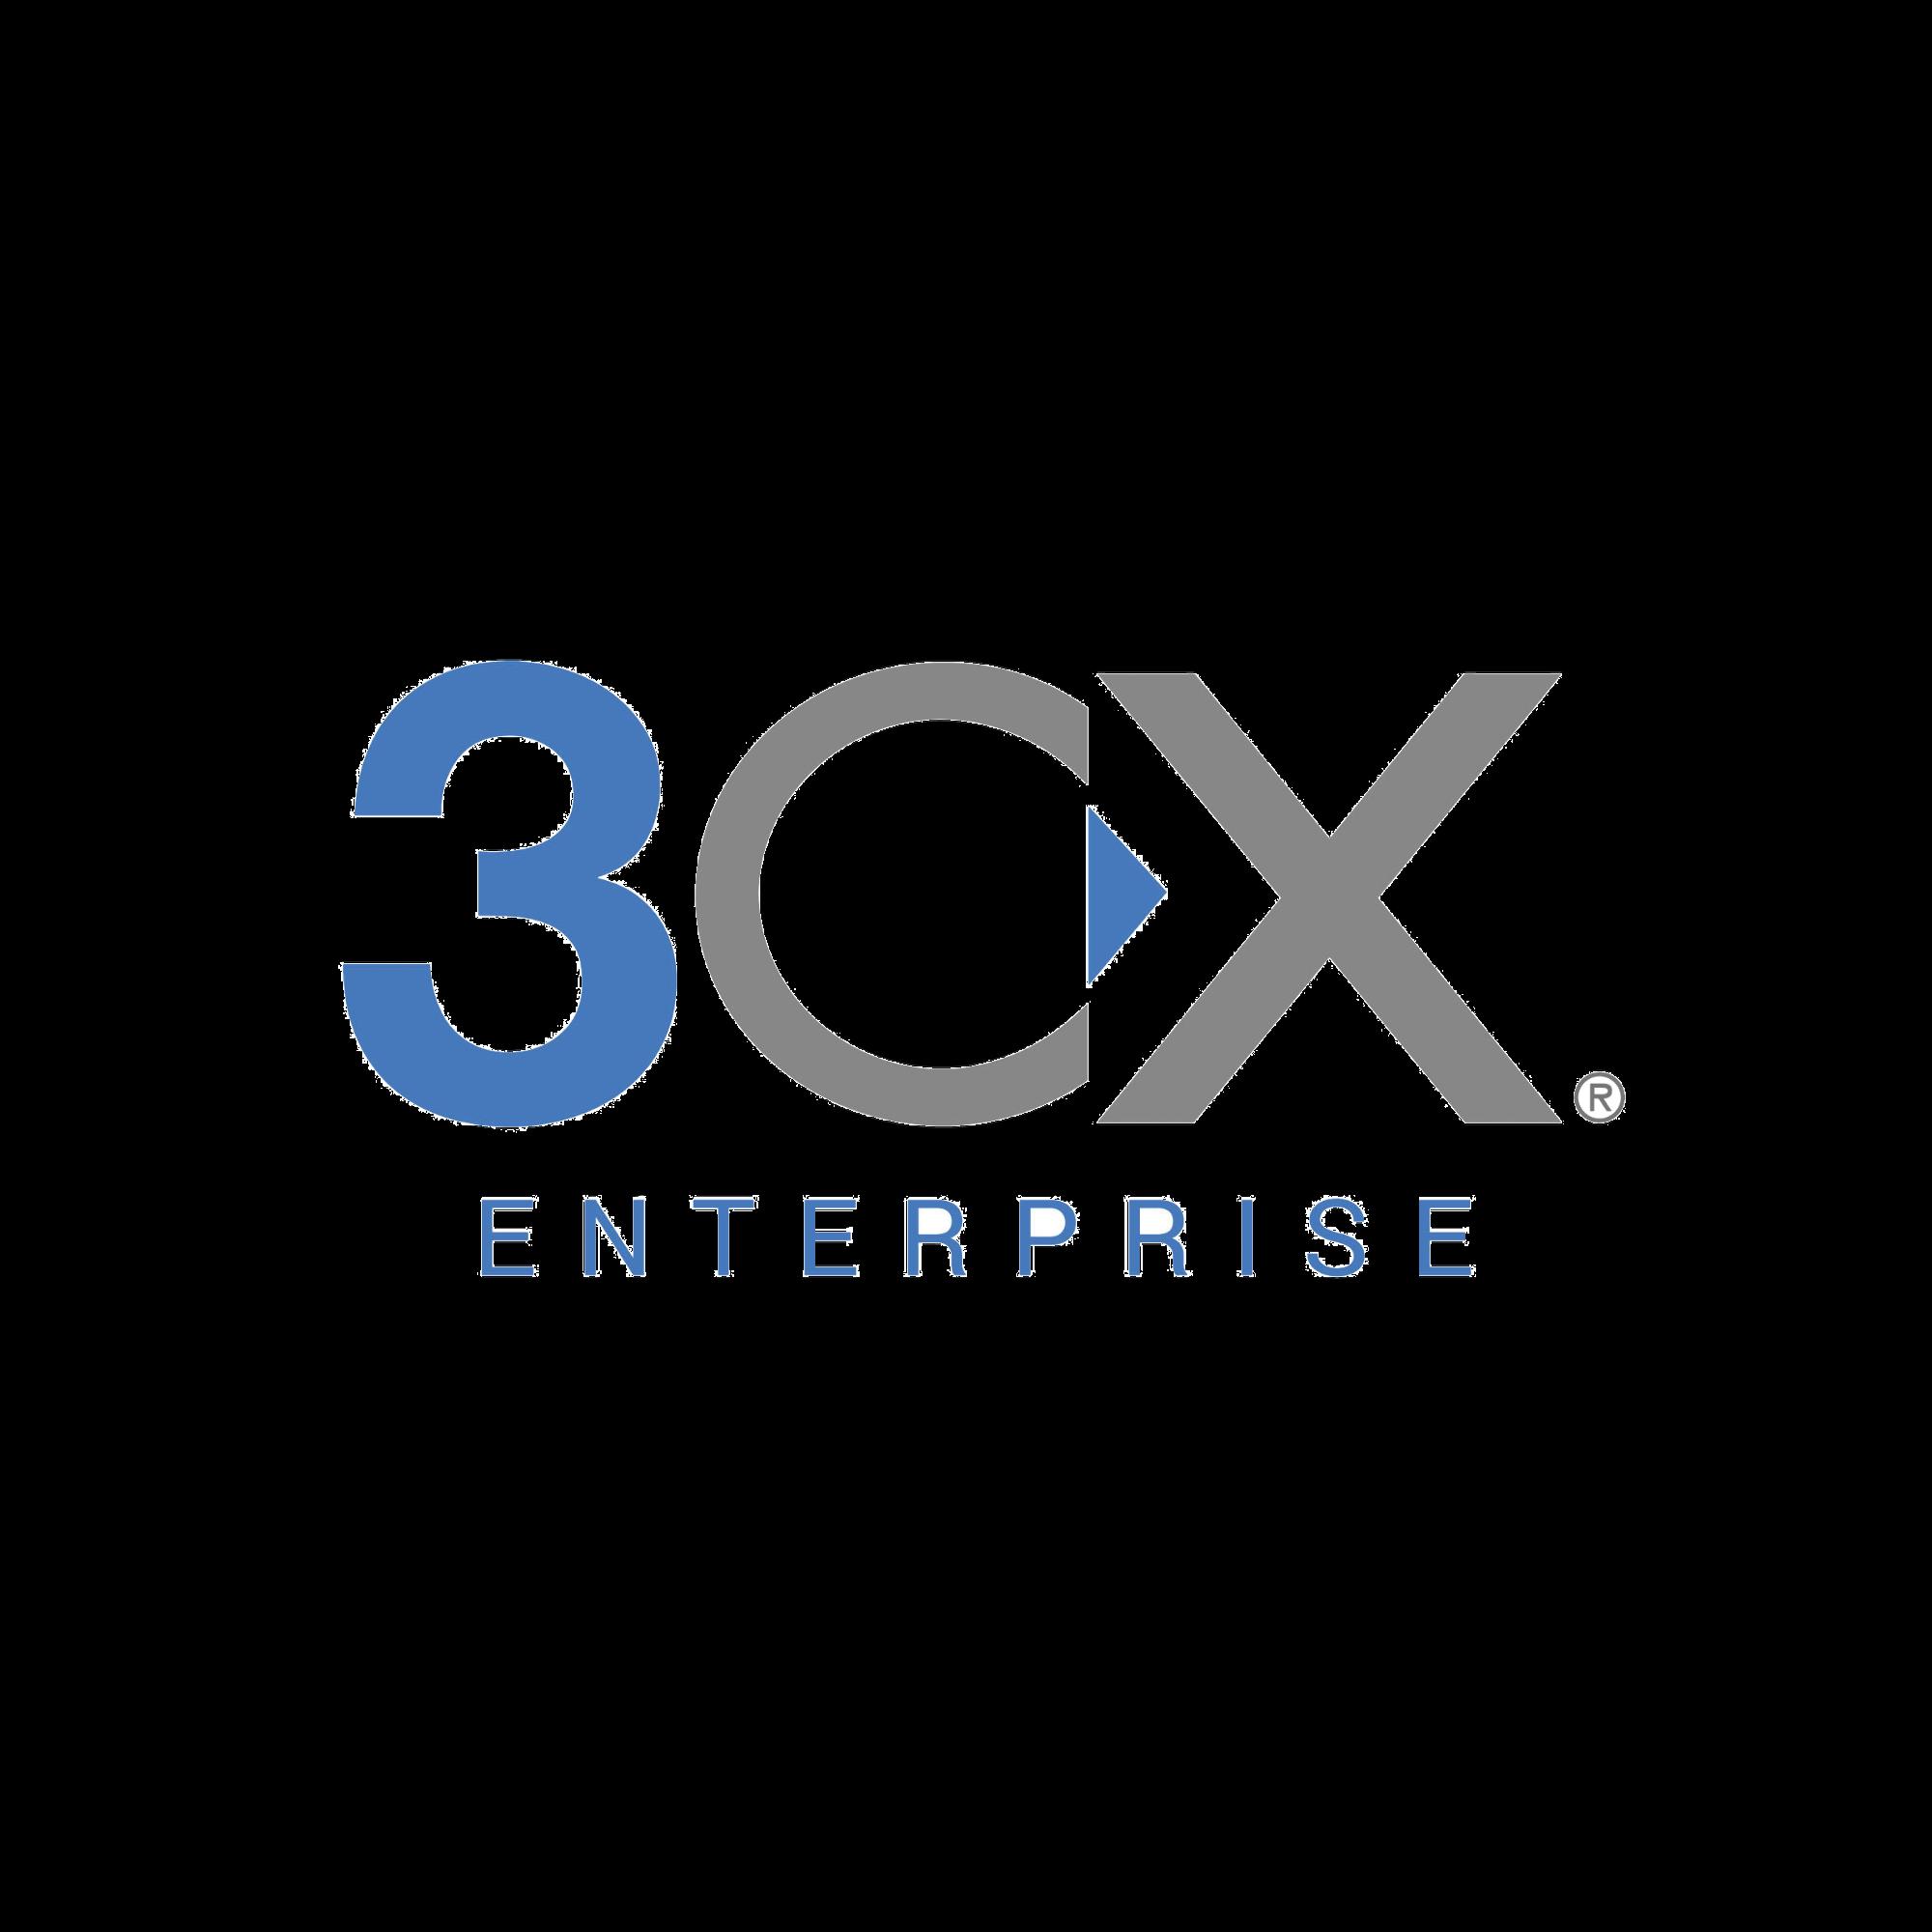 Licencia perpetua de 3CX Enterprise para 4 llamadas simultáneas y extensiones ilimitadas